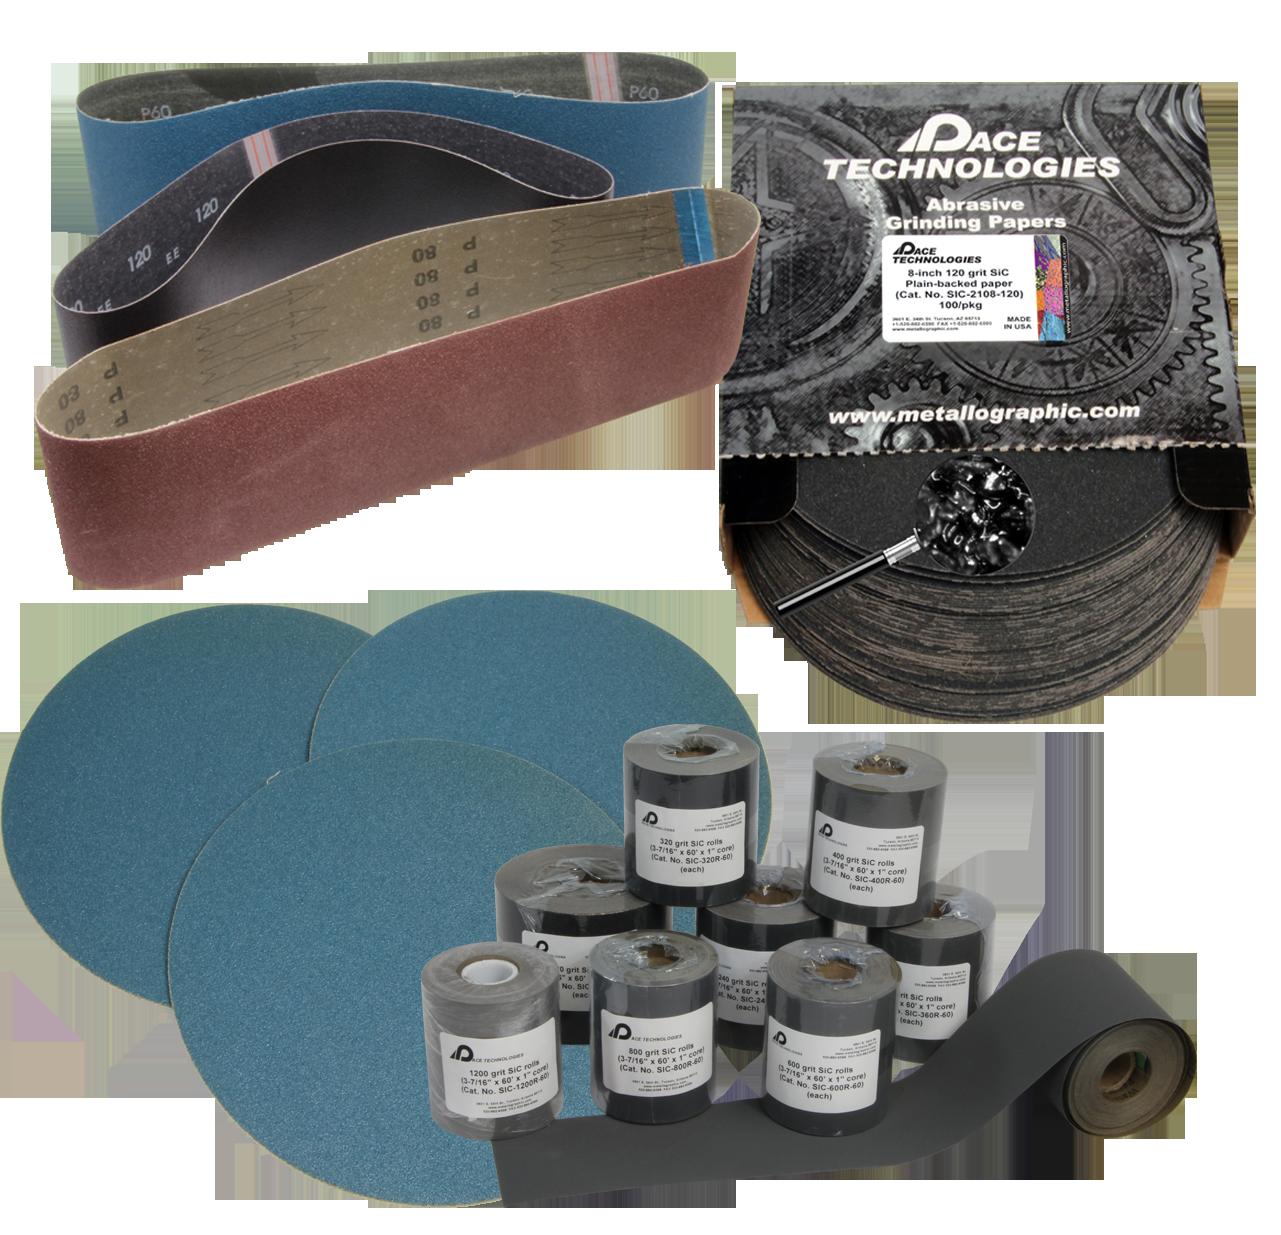 Metallographic Abrasive Grinding